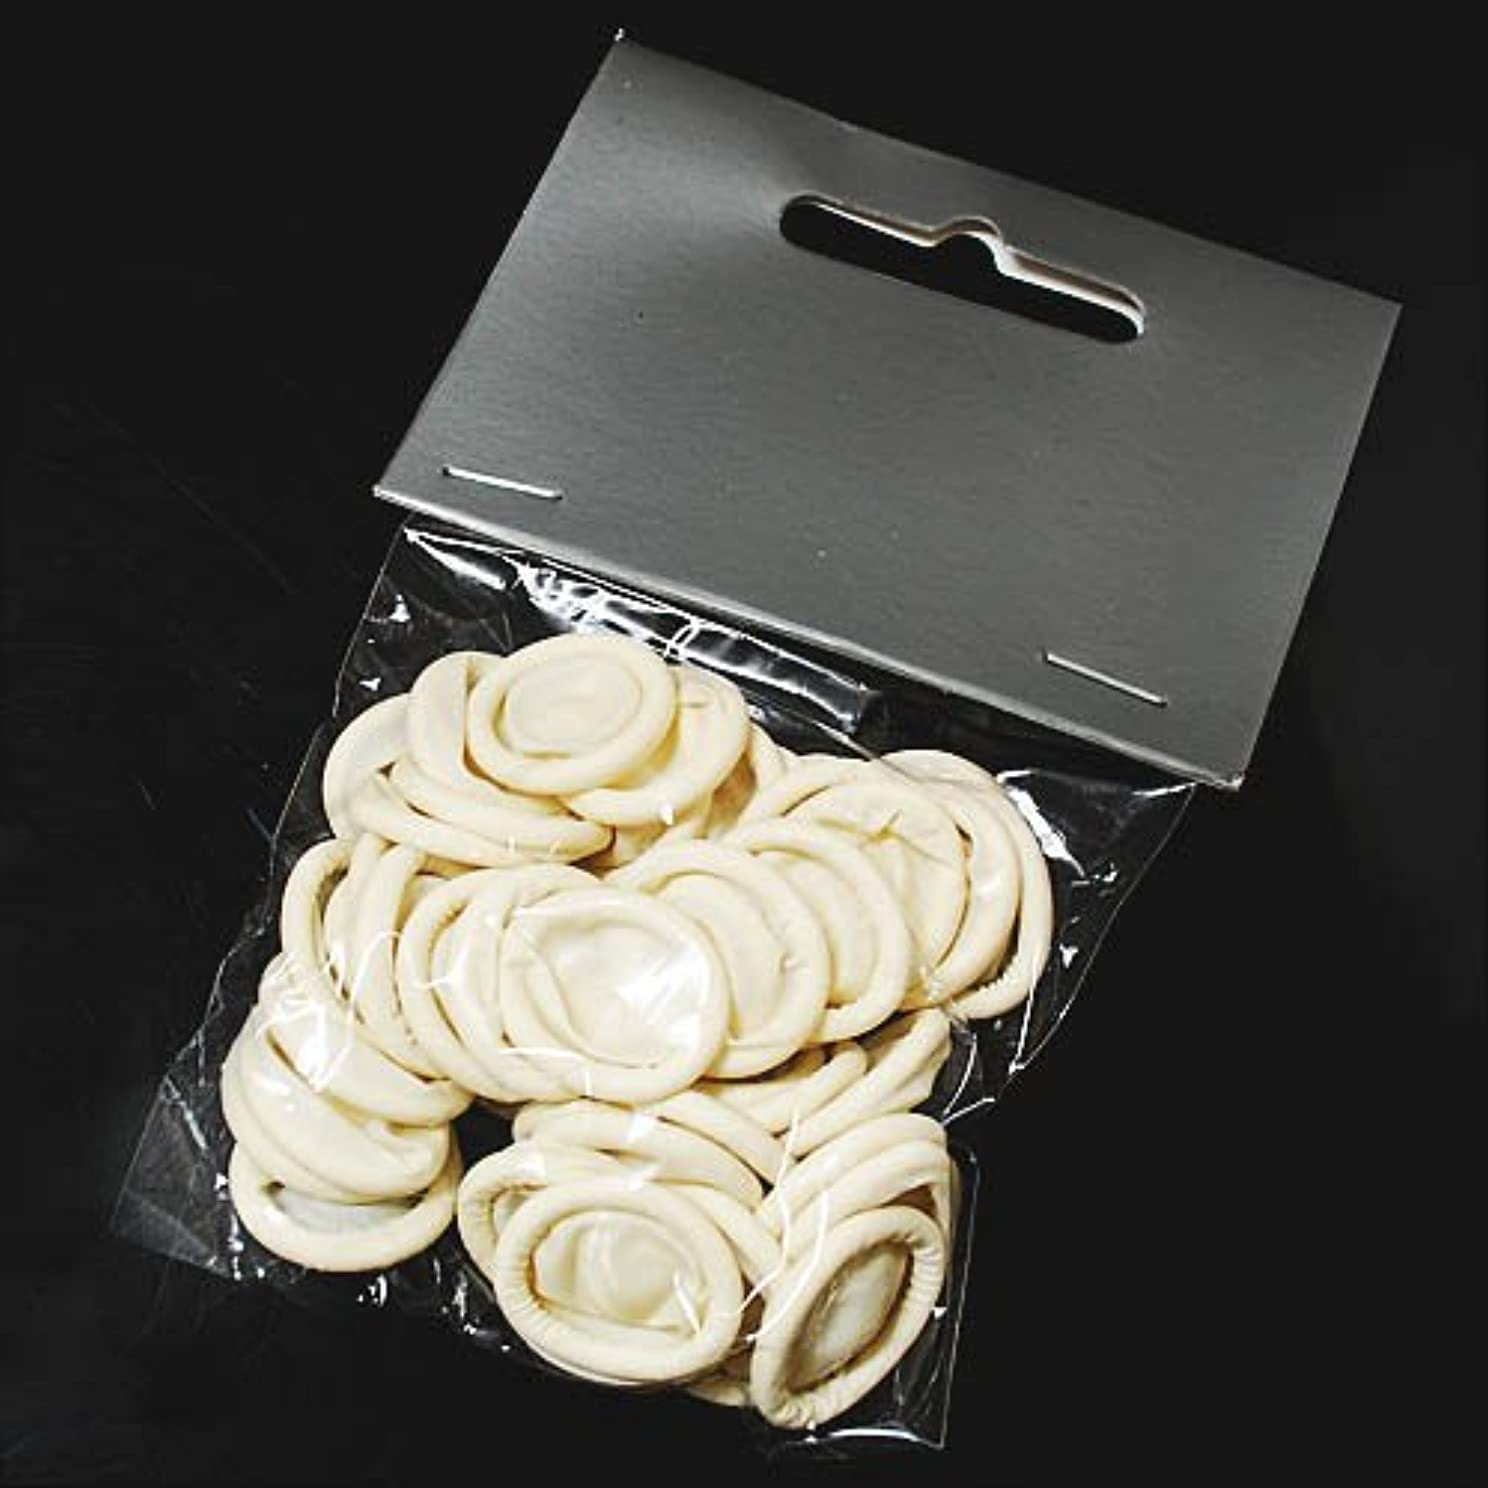 かもしれないブローホール玉ねぎジェルネイル のオフに使える ジェルネイルオフカバー [50個] フィンガーキャップ